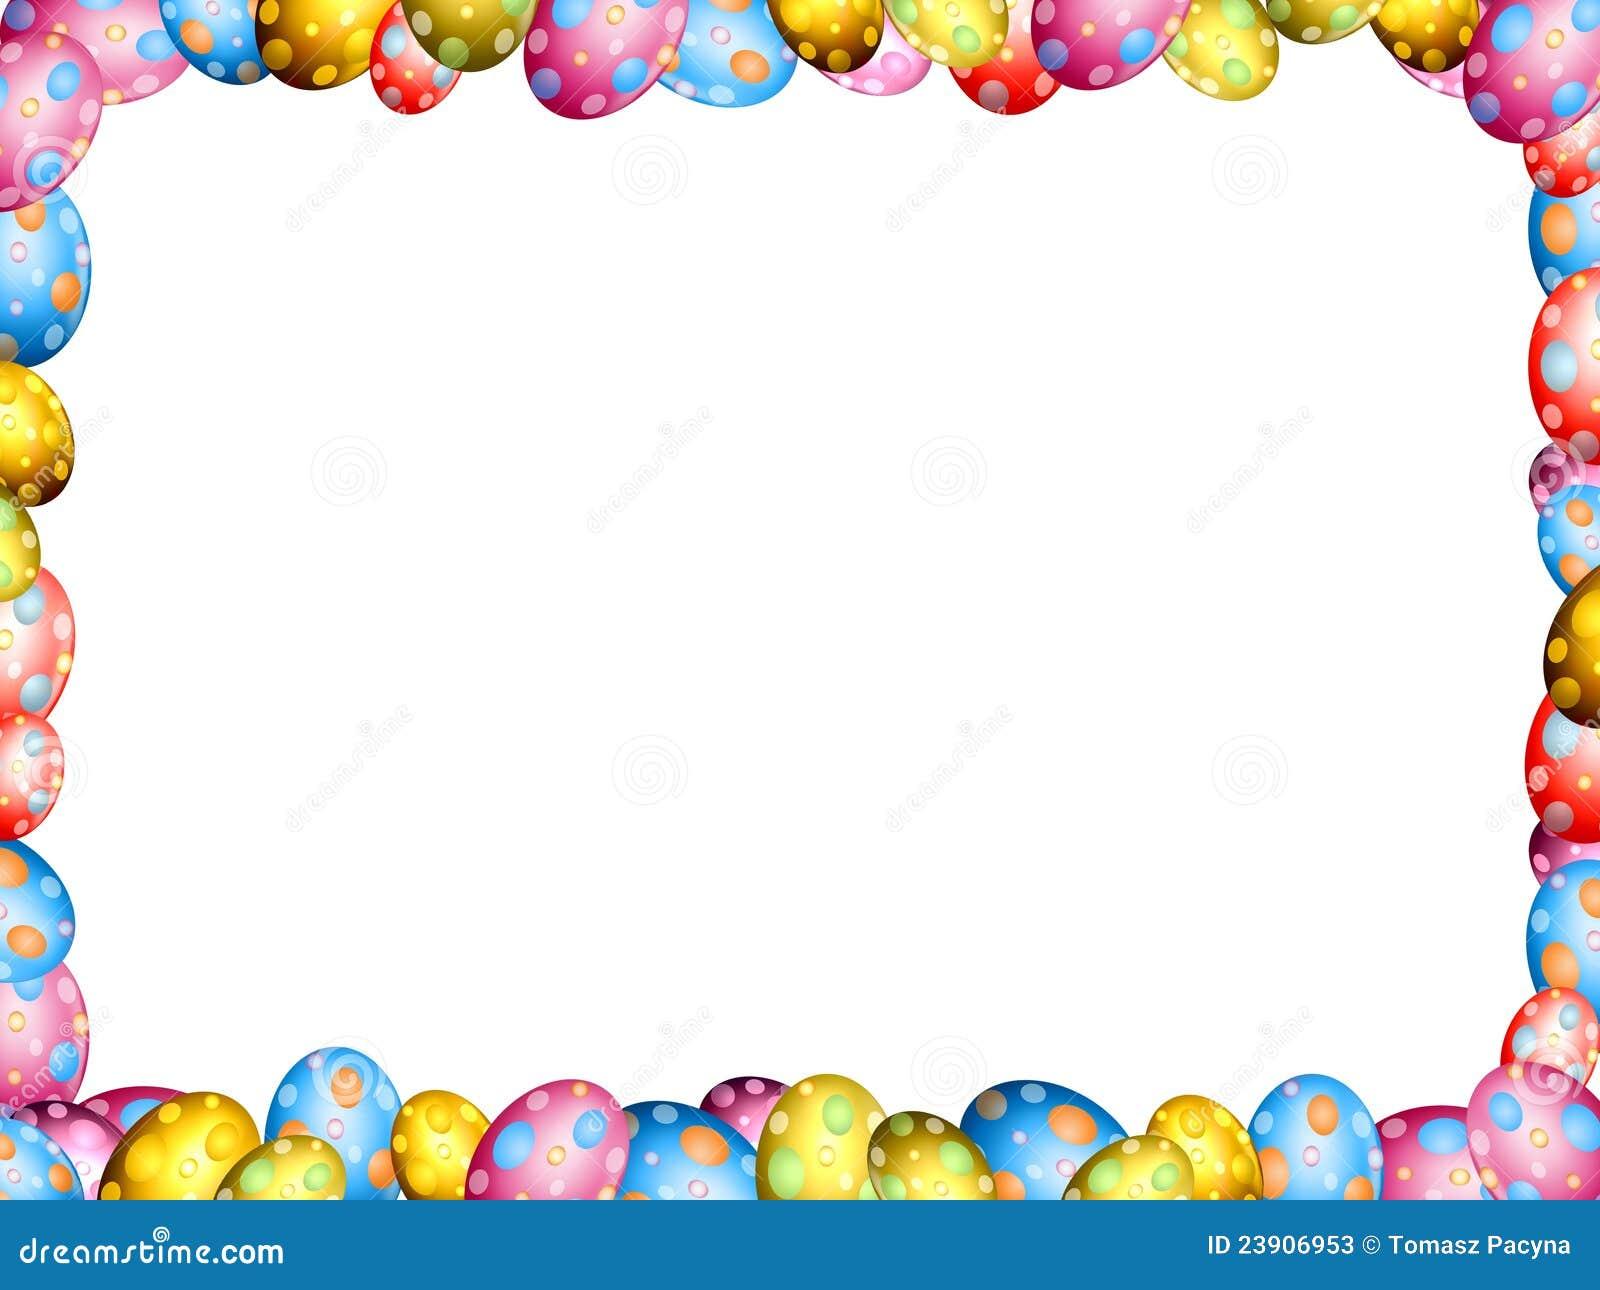 Easter Egg Border Clip Art Free